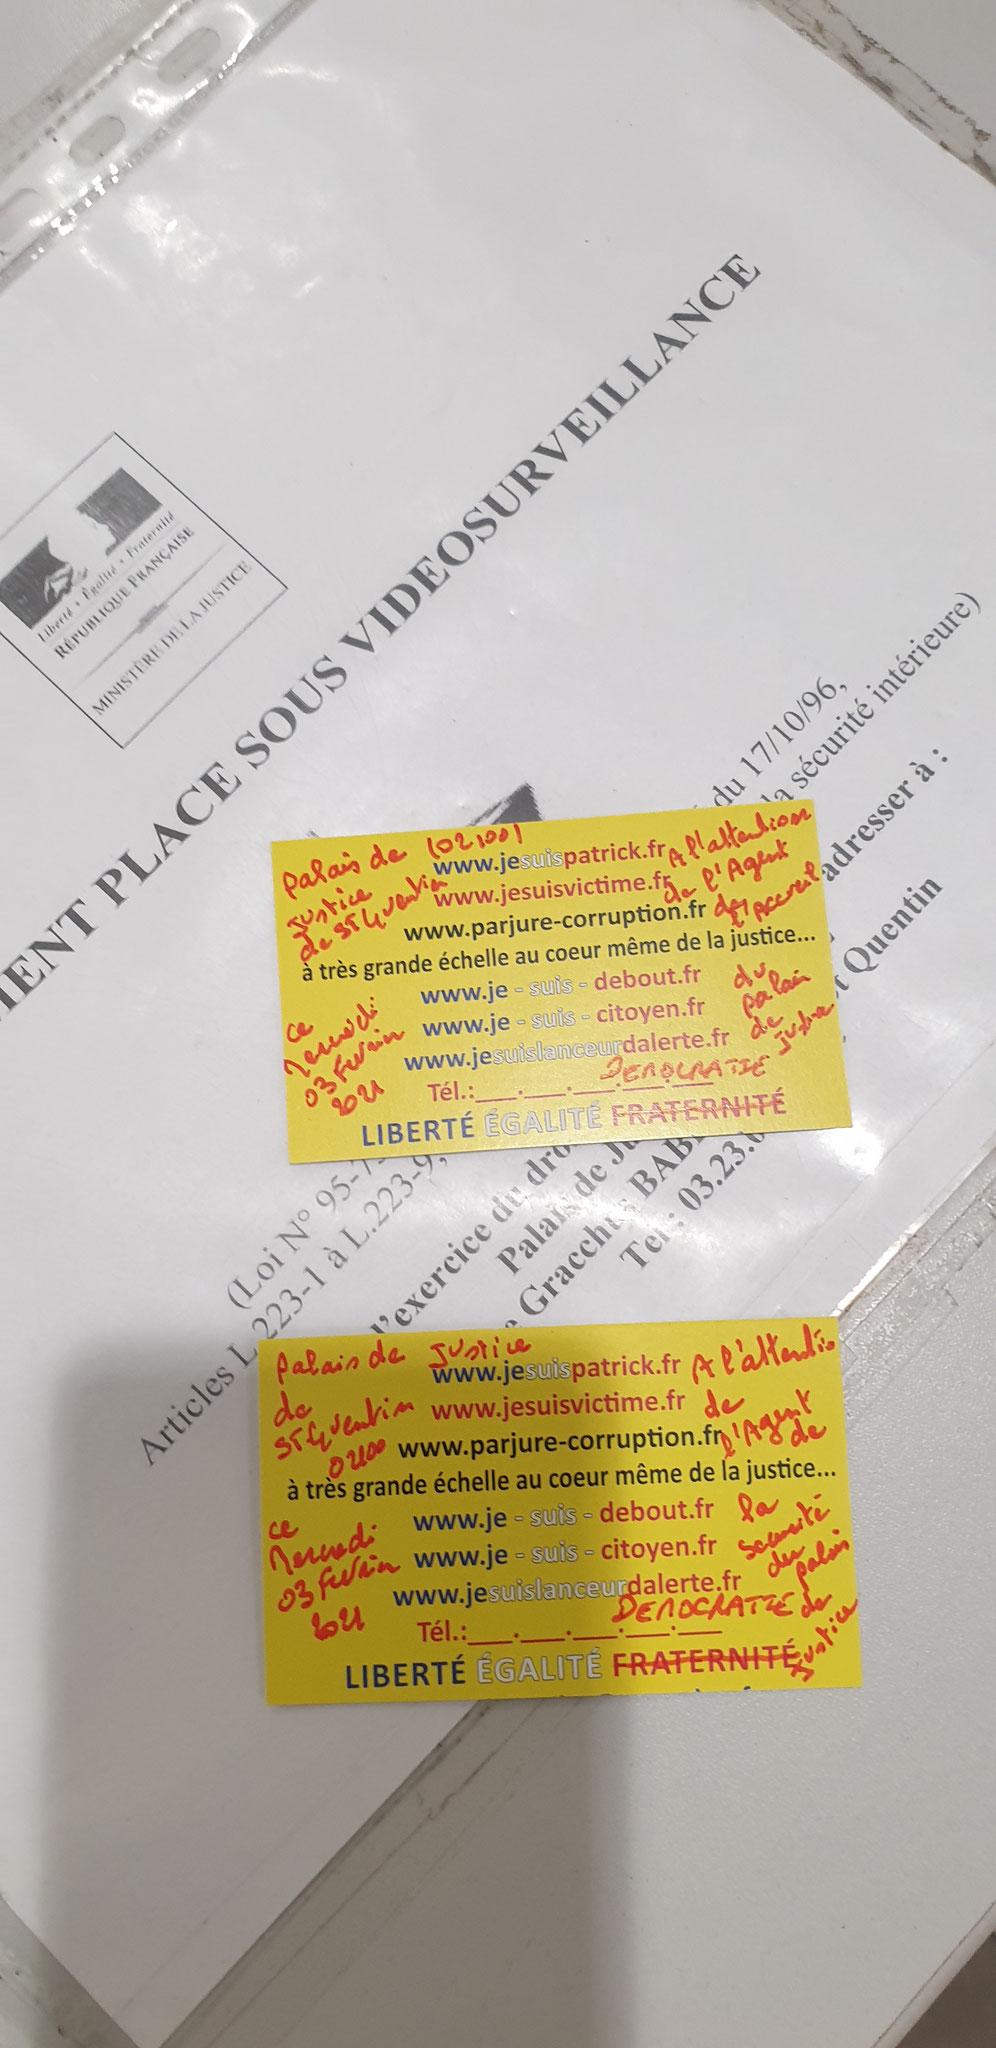 Le 03 Février 2021 je me présente à l'accueil afin de récupérer le document de décision prud'hommes je laisse ma carte de visite à l'accueil et à l'un des Agents de sécurité afin de prendre date www.jesuispatrick.fr